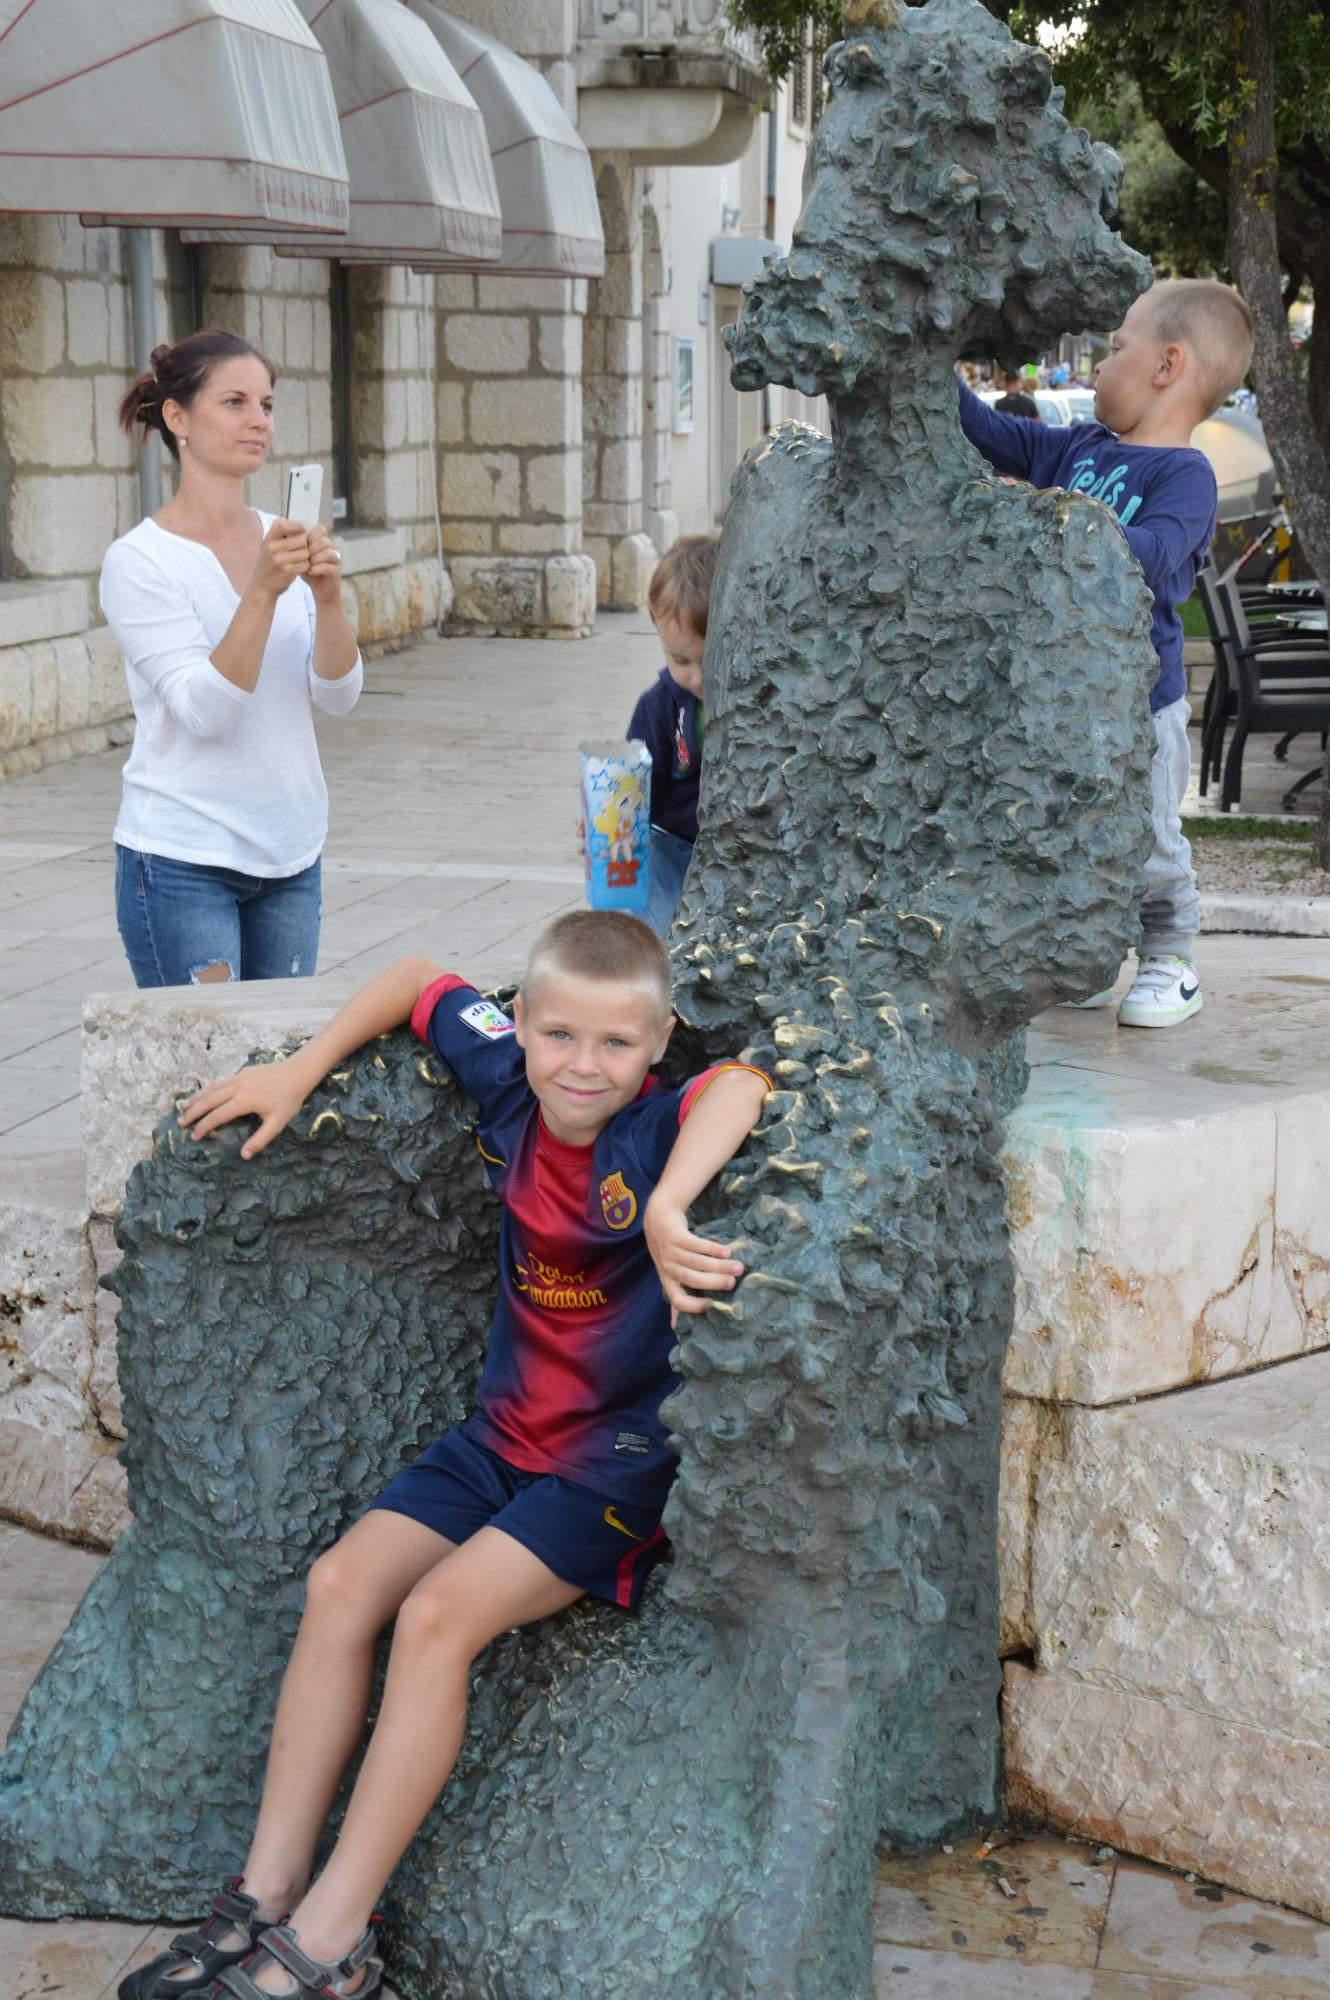 http://img19.rajce.idnes.cz/d1902/11/11369/11369498_ba1b1cc51aa2b100ecd01c05fe1b9075/images/DSC_0094.jpg